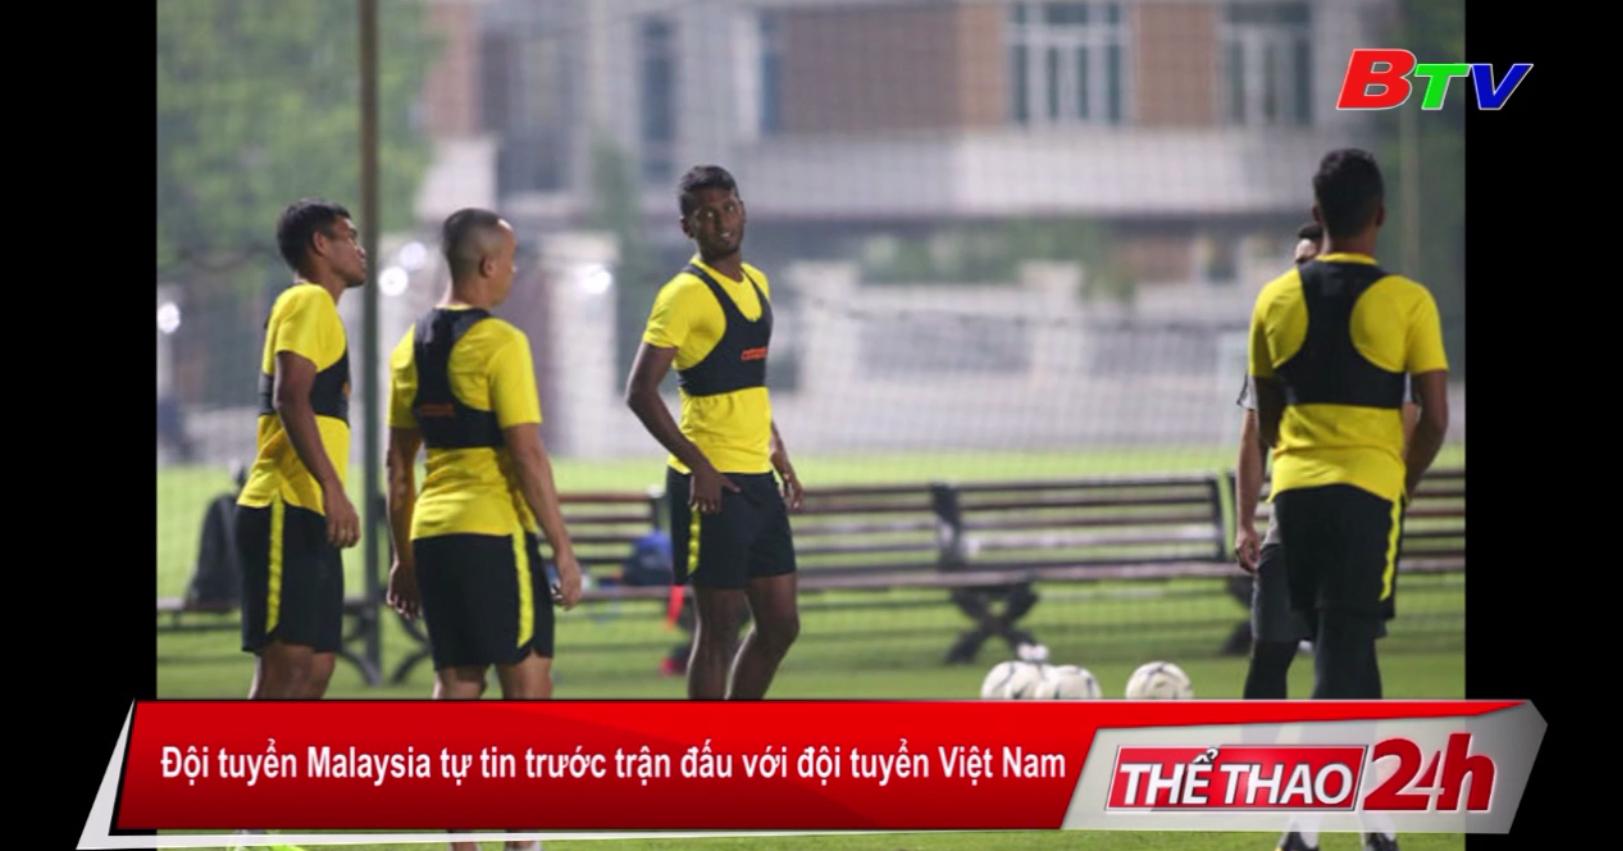 Đội tuyển Malaysia tự tin trước trận đấu với đội tuyển Việt Nam